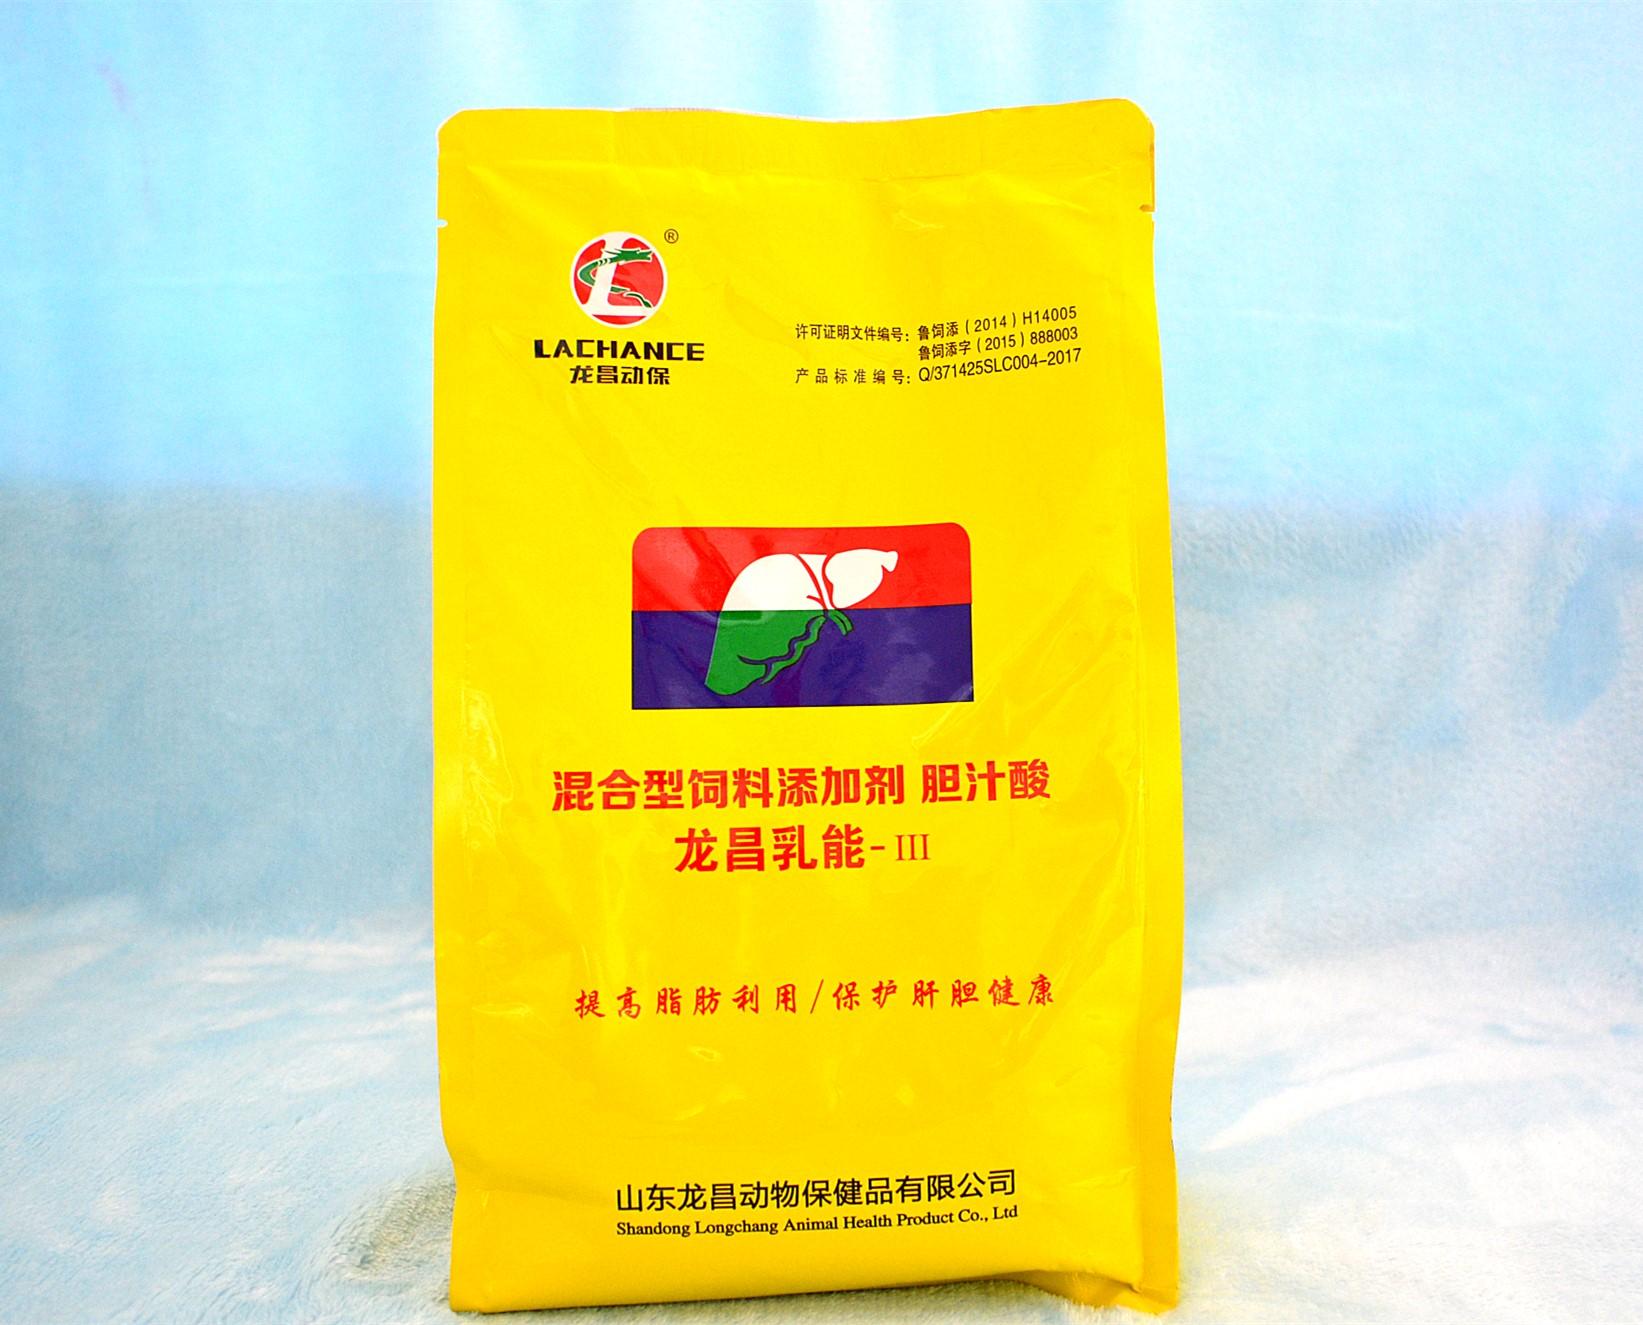 妊娠母猪饲料添加剂 龙昌胆汁酸 缓解母猪生殖应激 清除毒素